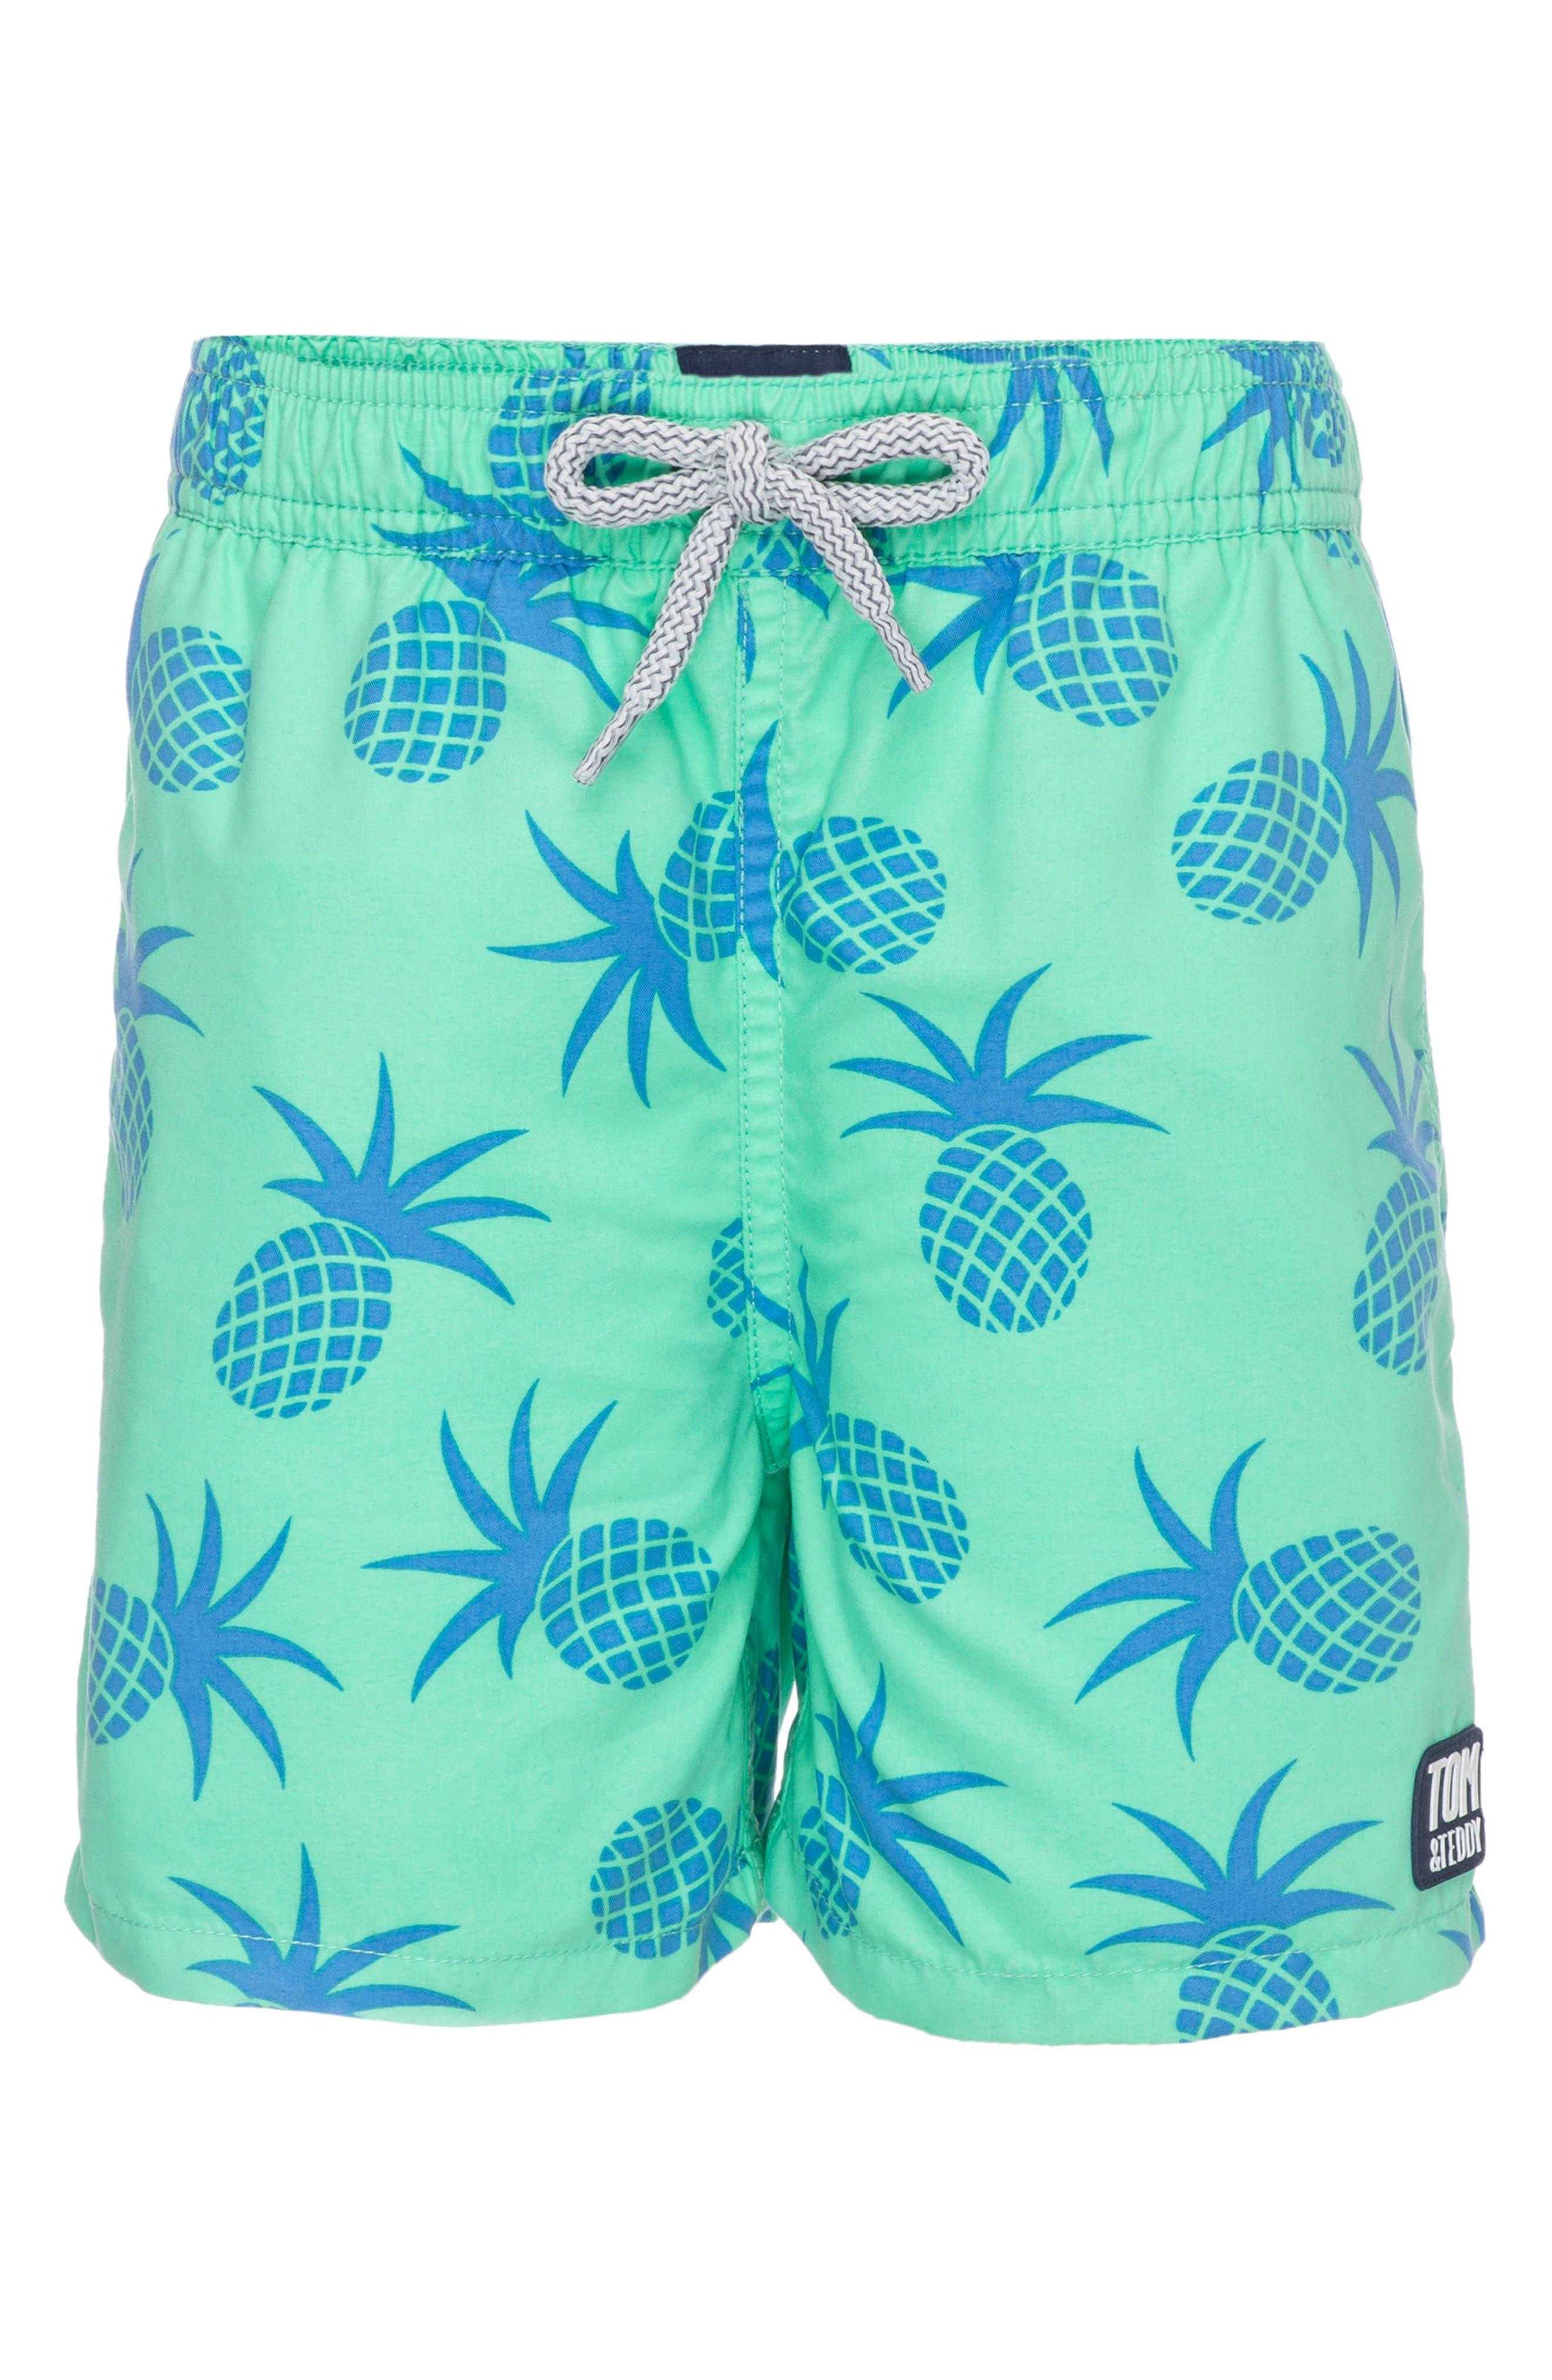 Pineapple Swim Trunks,                             Alternate thumbnail 3, color,                             JADE GREEN